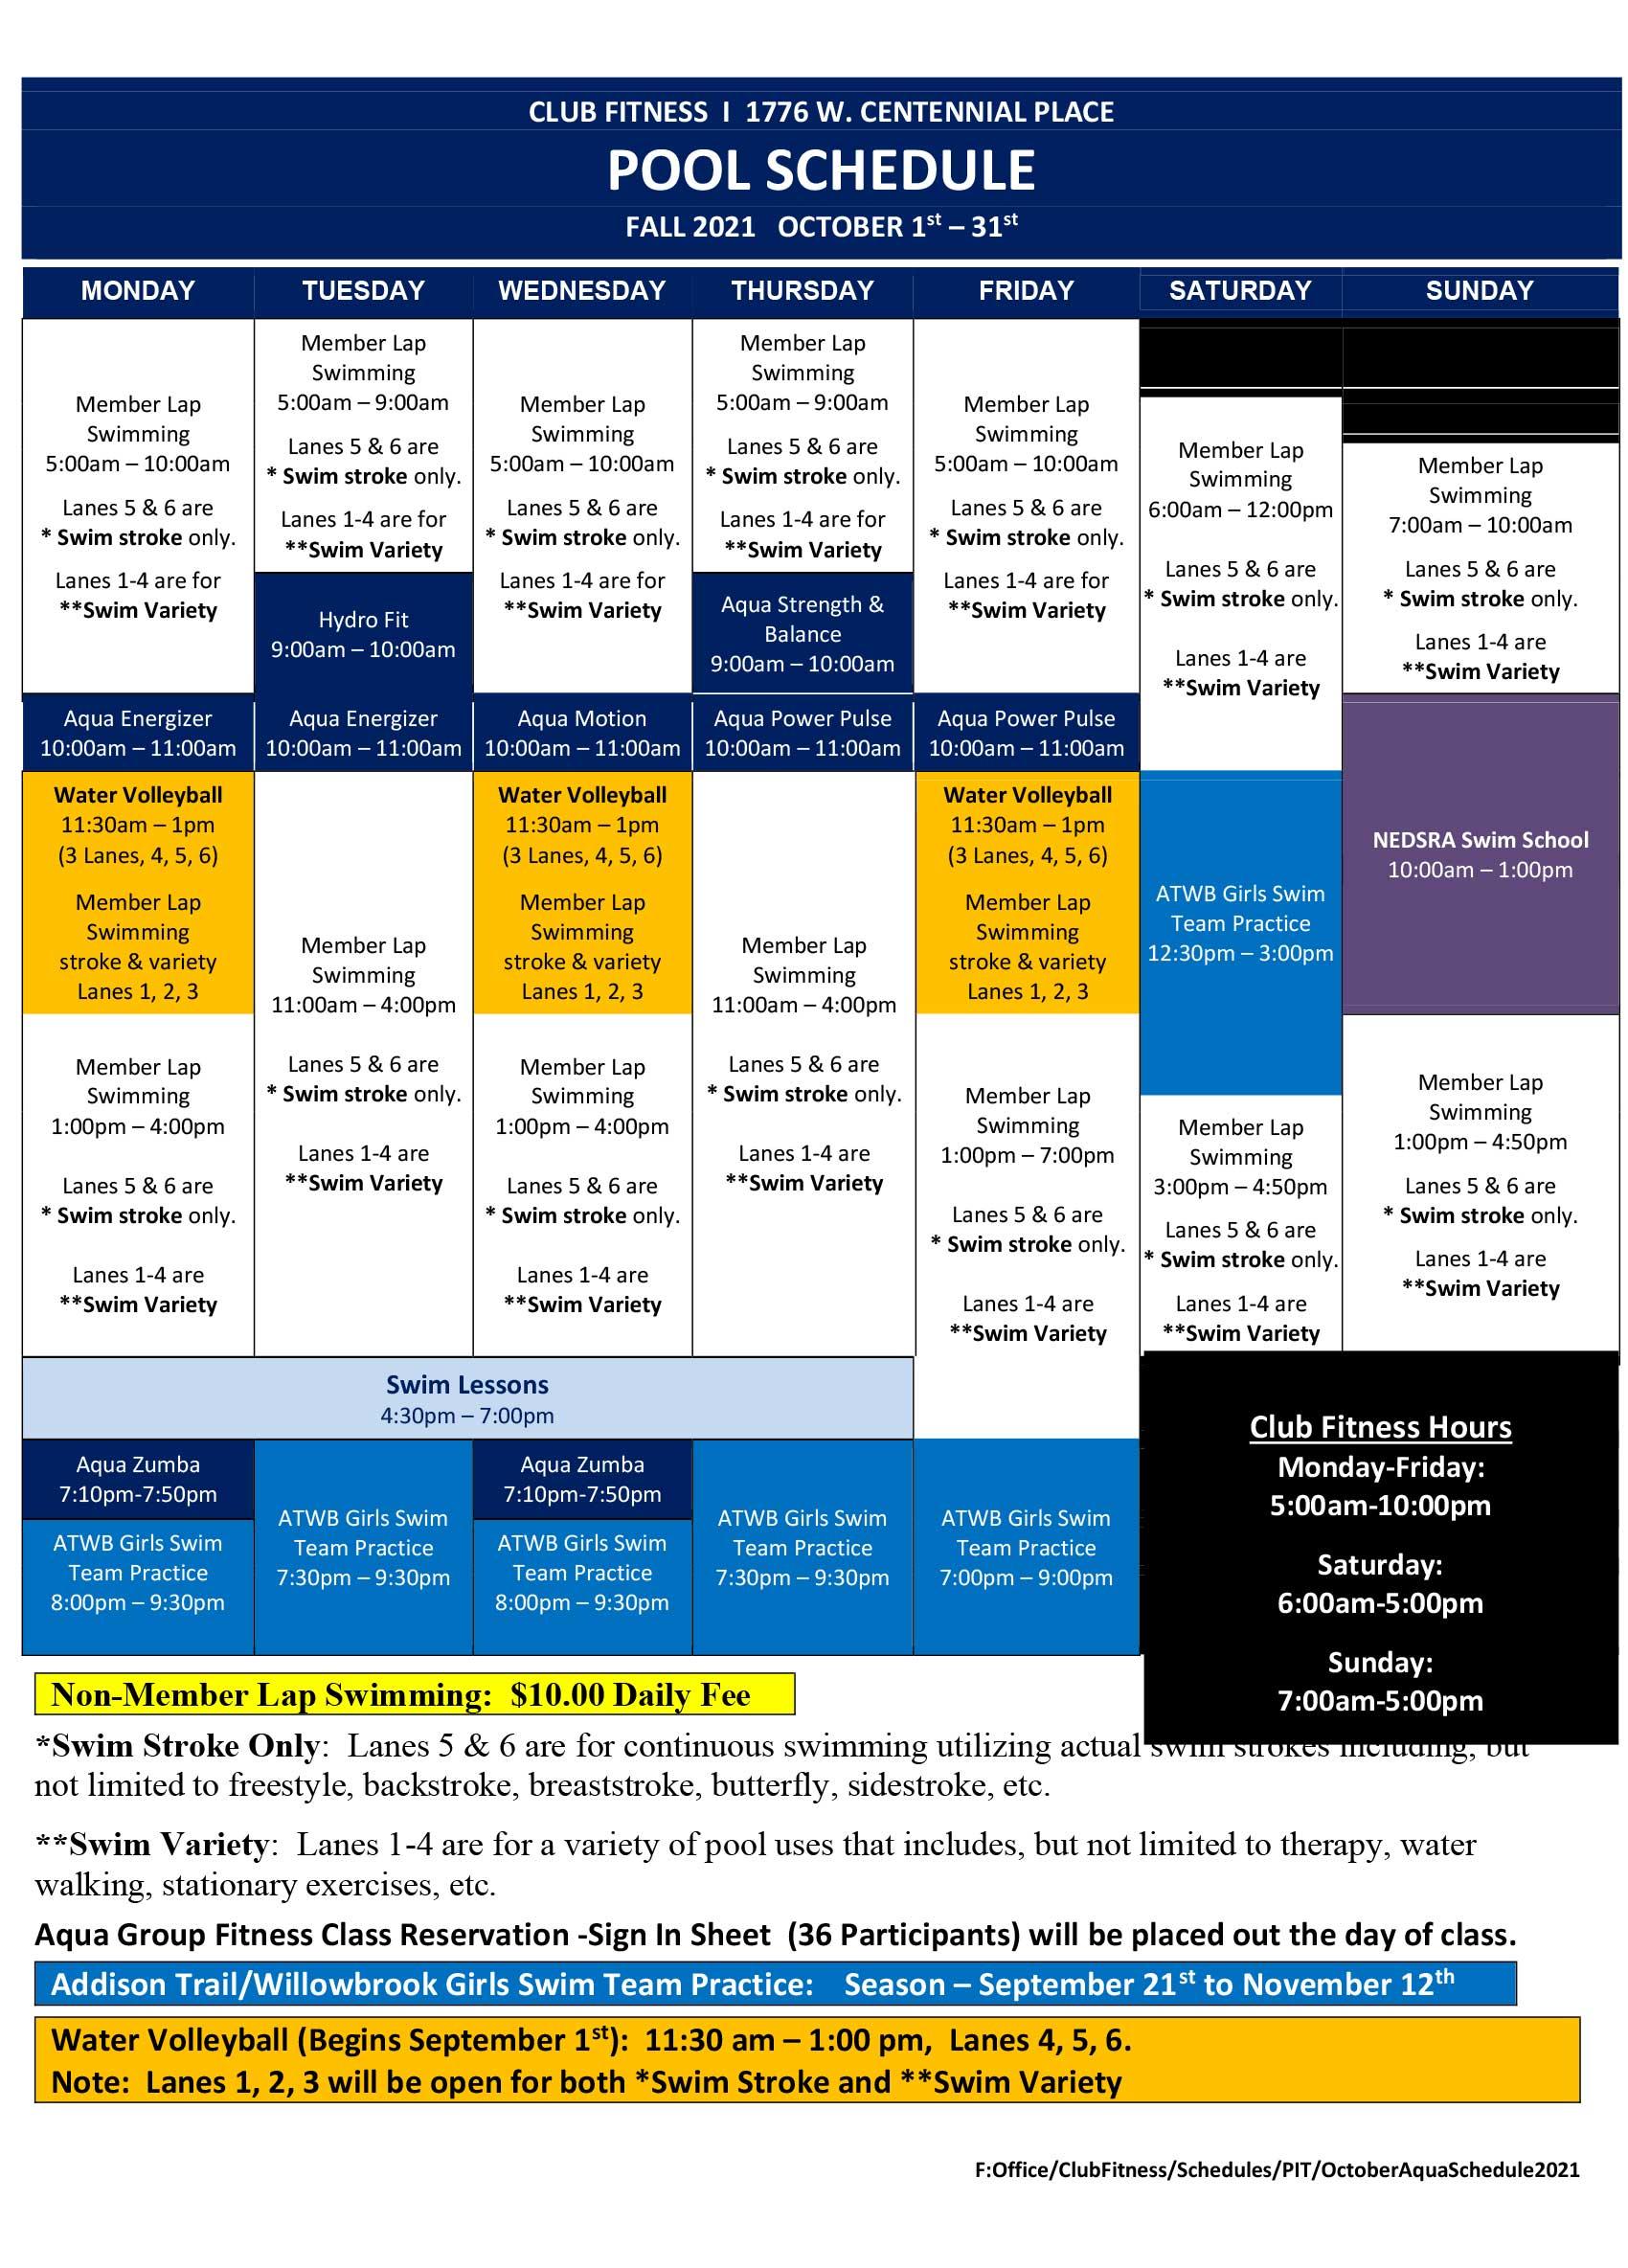 Pool Schedule October 2021